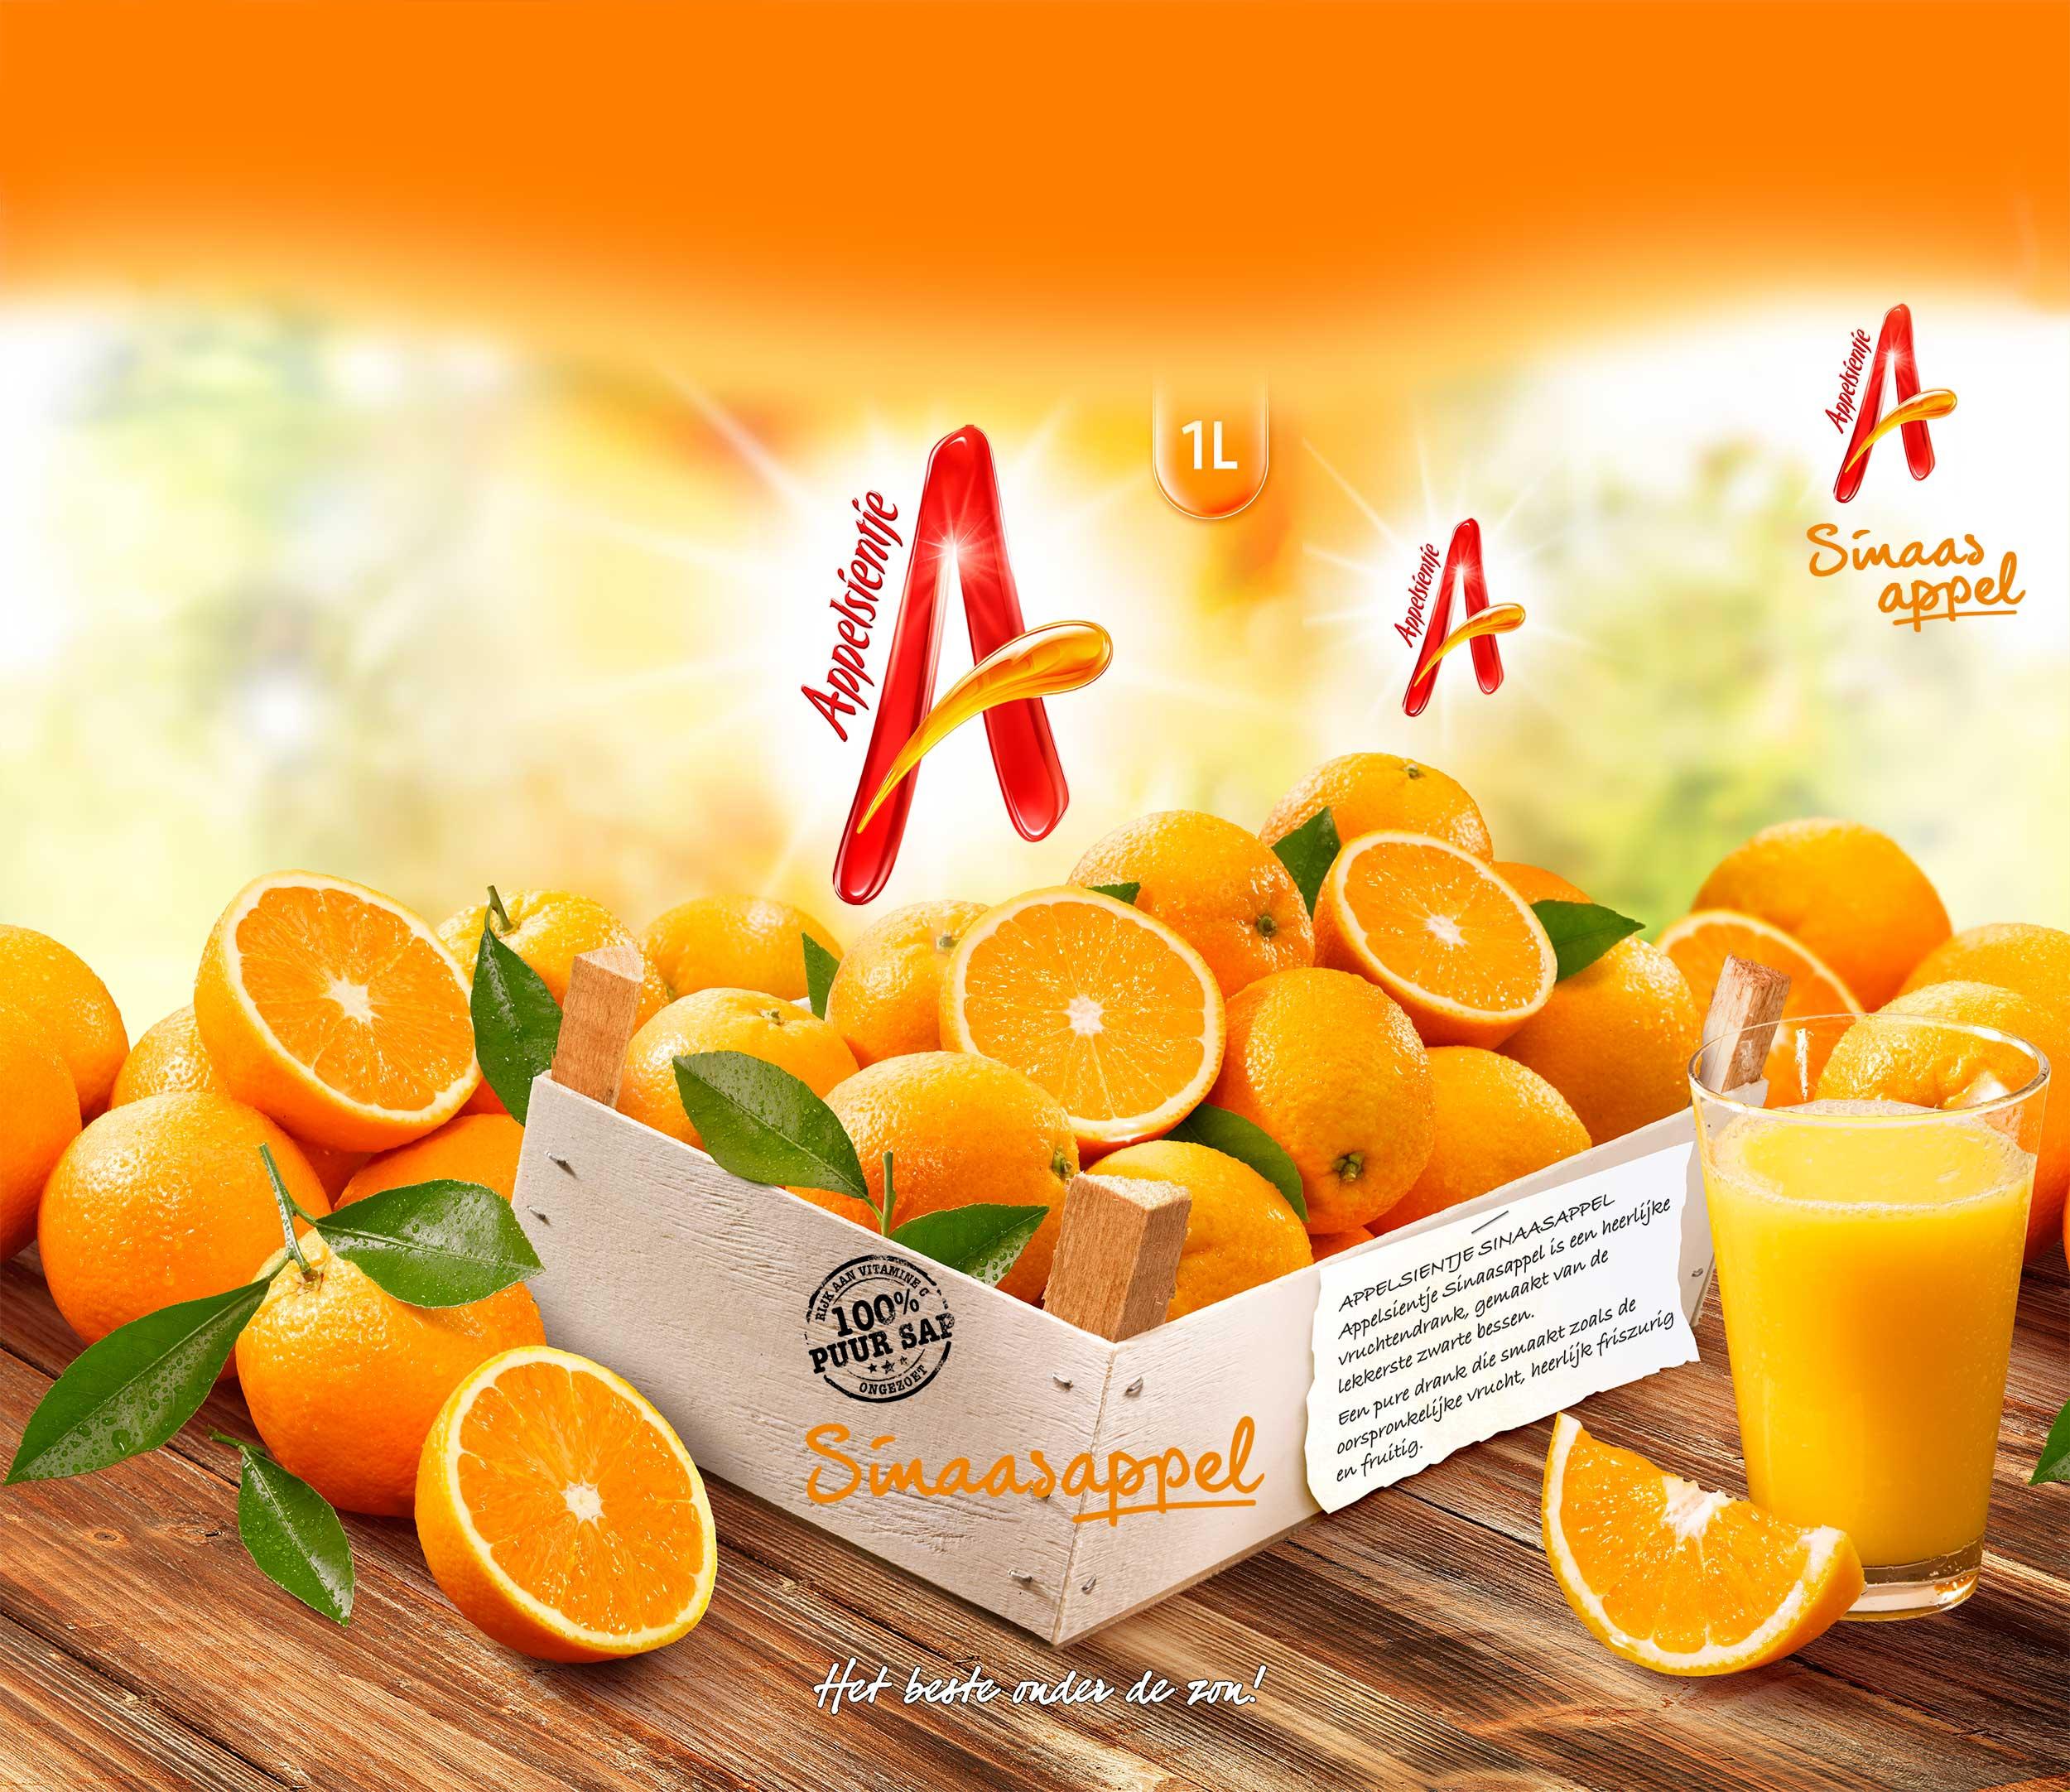 https://crisp.cc/wp-content/uploads/2018/11/Appelsientje_Orange.jpg